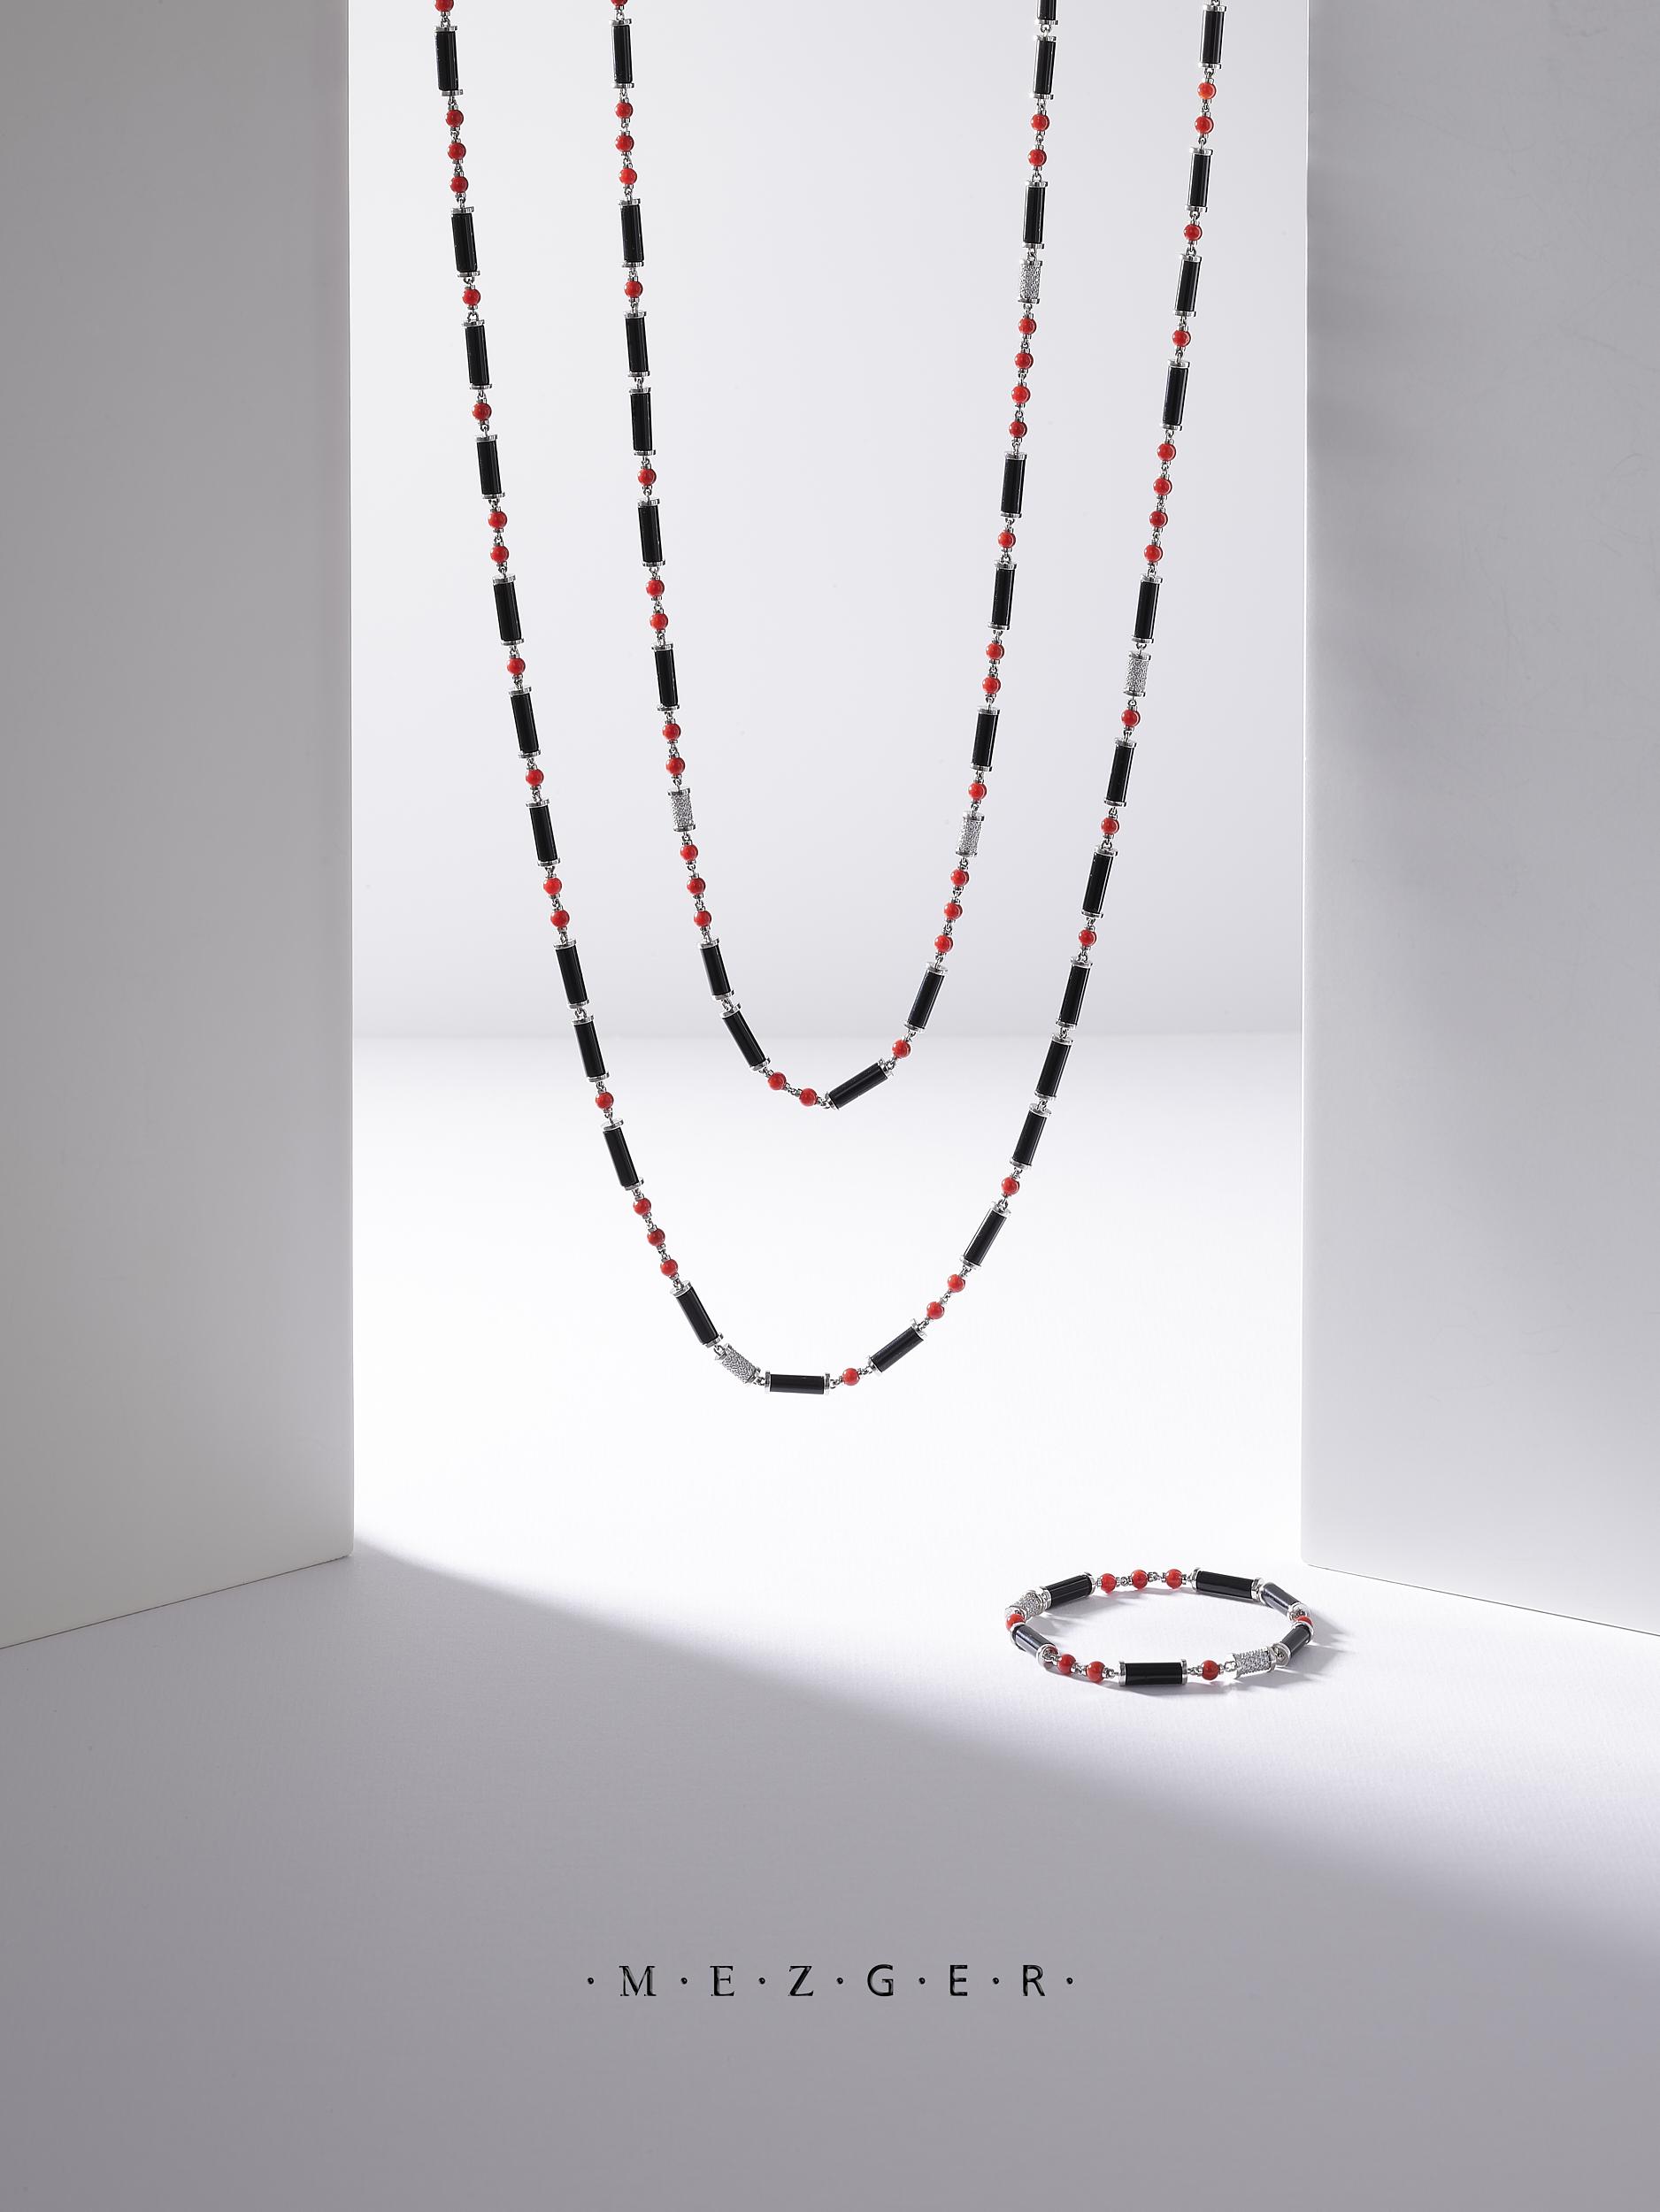 Photographie still life d'un sautoir et d'un bracelet en corail , onyx noir et diamants. Création du Joaillier Bijoutier Mezger à Basel Suisse